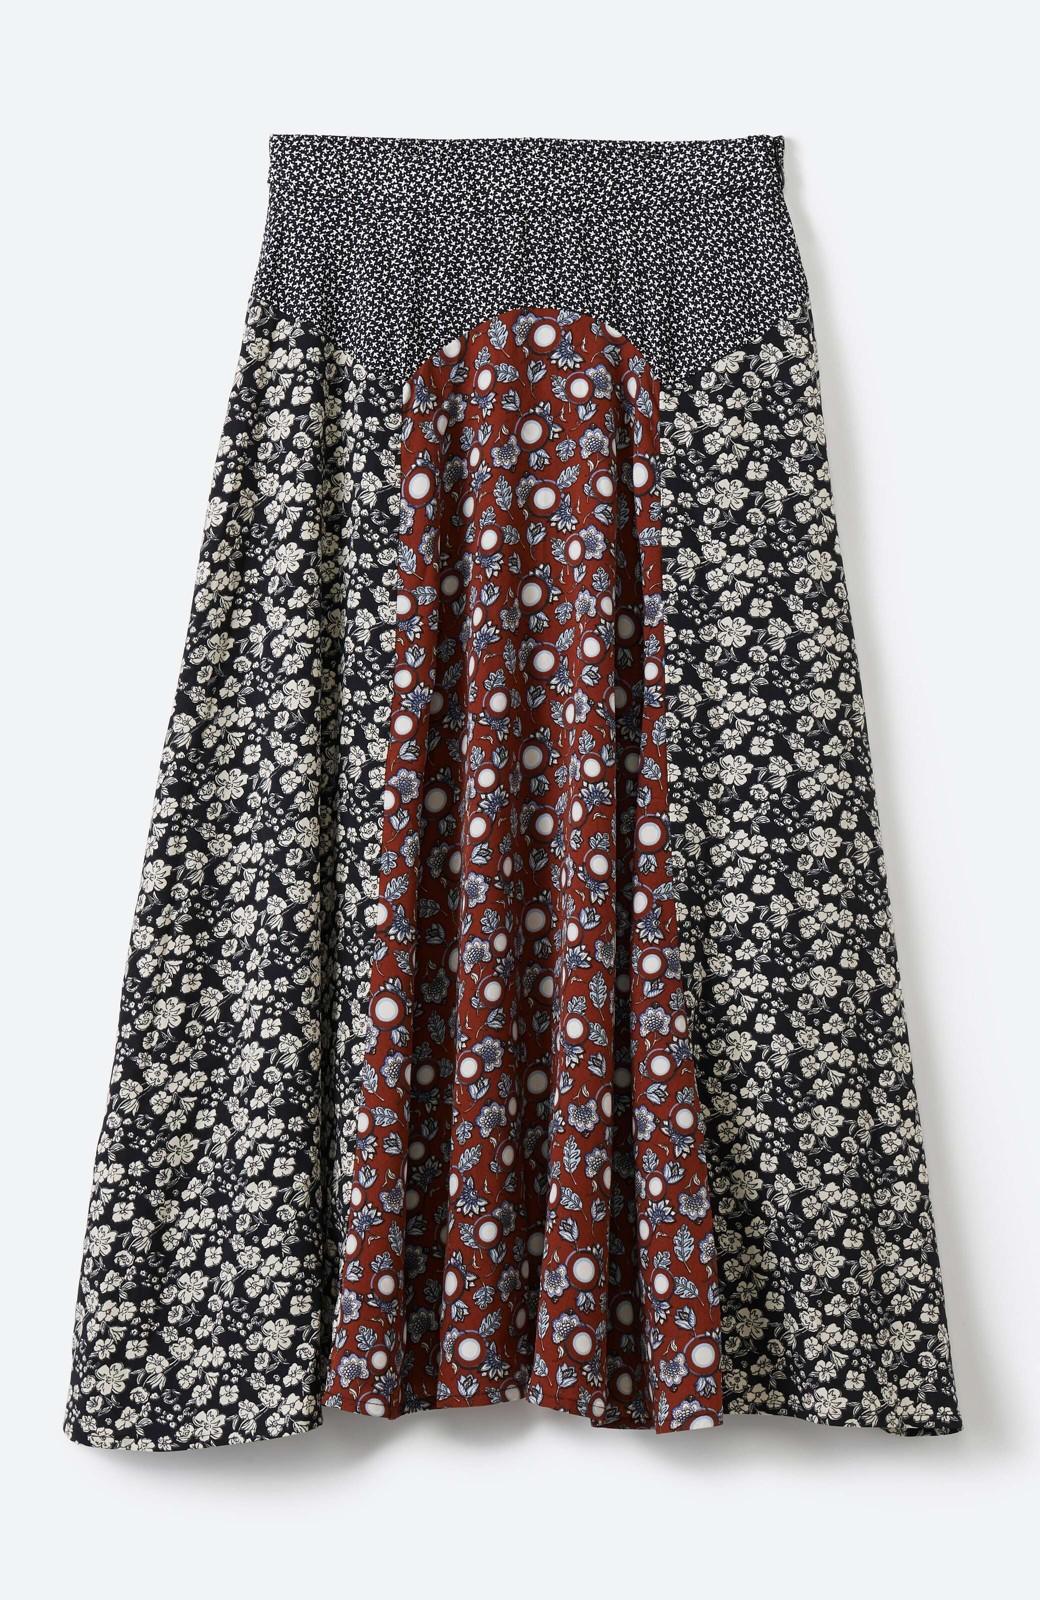 haco! 【洗濯機洗いOK】シンプルなトップスに合わせるだけでかわいくなれる MIX柄スカート <ブラックミックス>の商品写真20